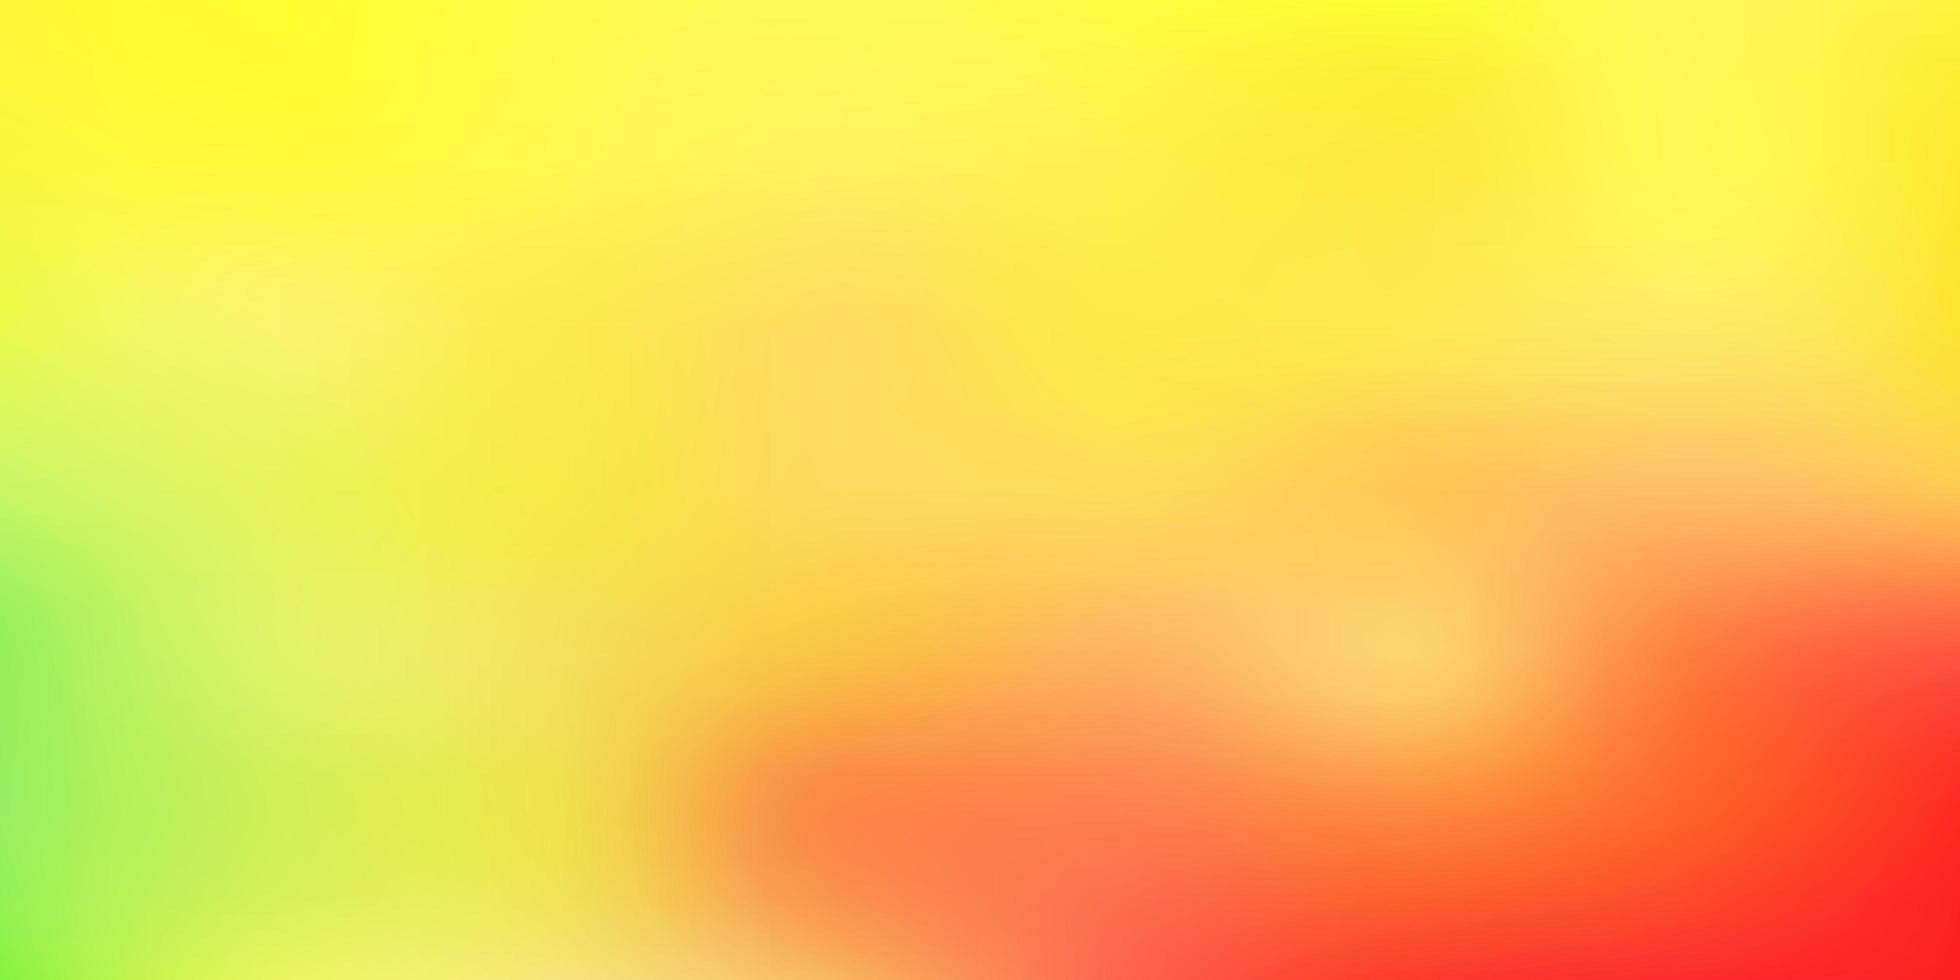 plantilla de desenfoque de vector rojo claro, amarillo.